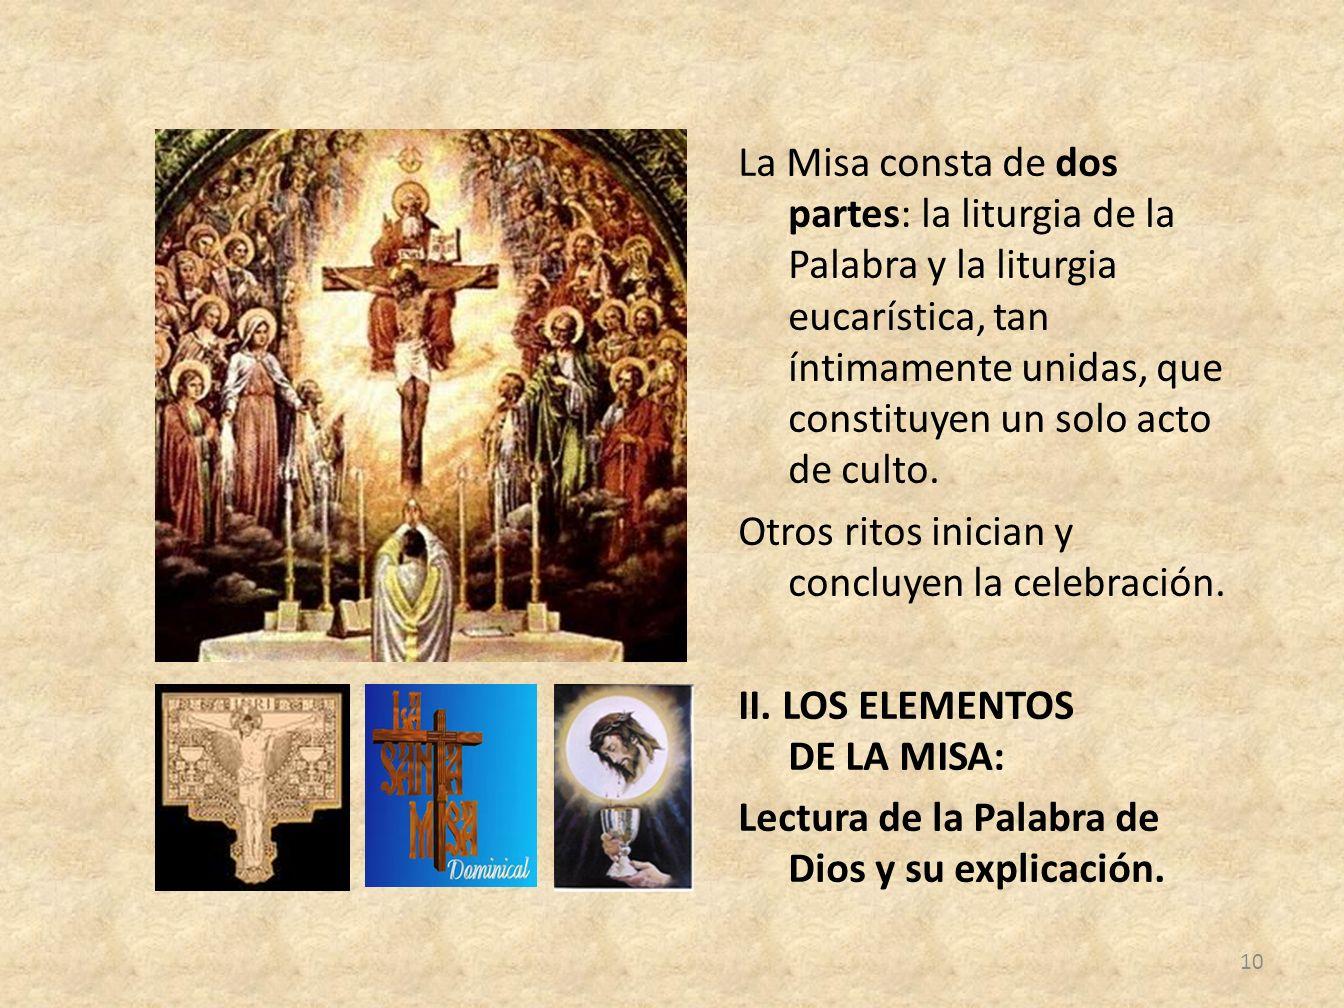 La Misa consta de dos partes: la liturgia de la Palabra y la liturgia eucarística, tan íntimamente unidas, que constituyen un solo acto de culto. Otro